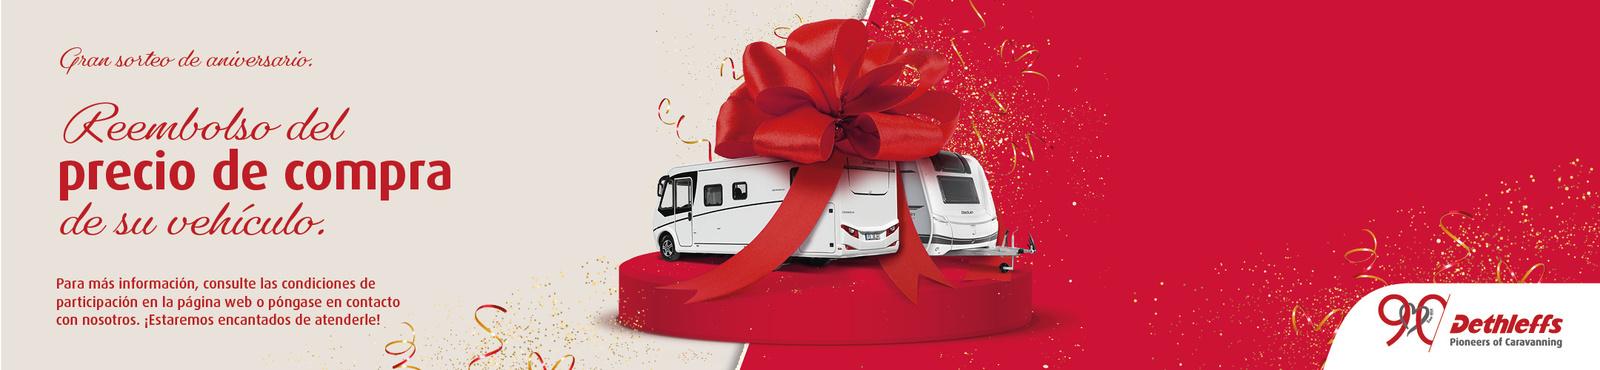 Venta de autocaravanas, Alquiler de autocaravanas y campers